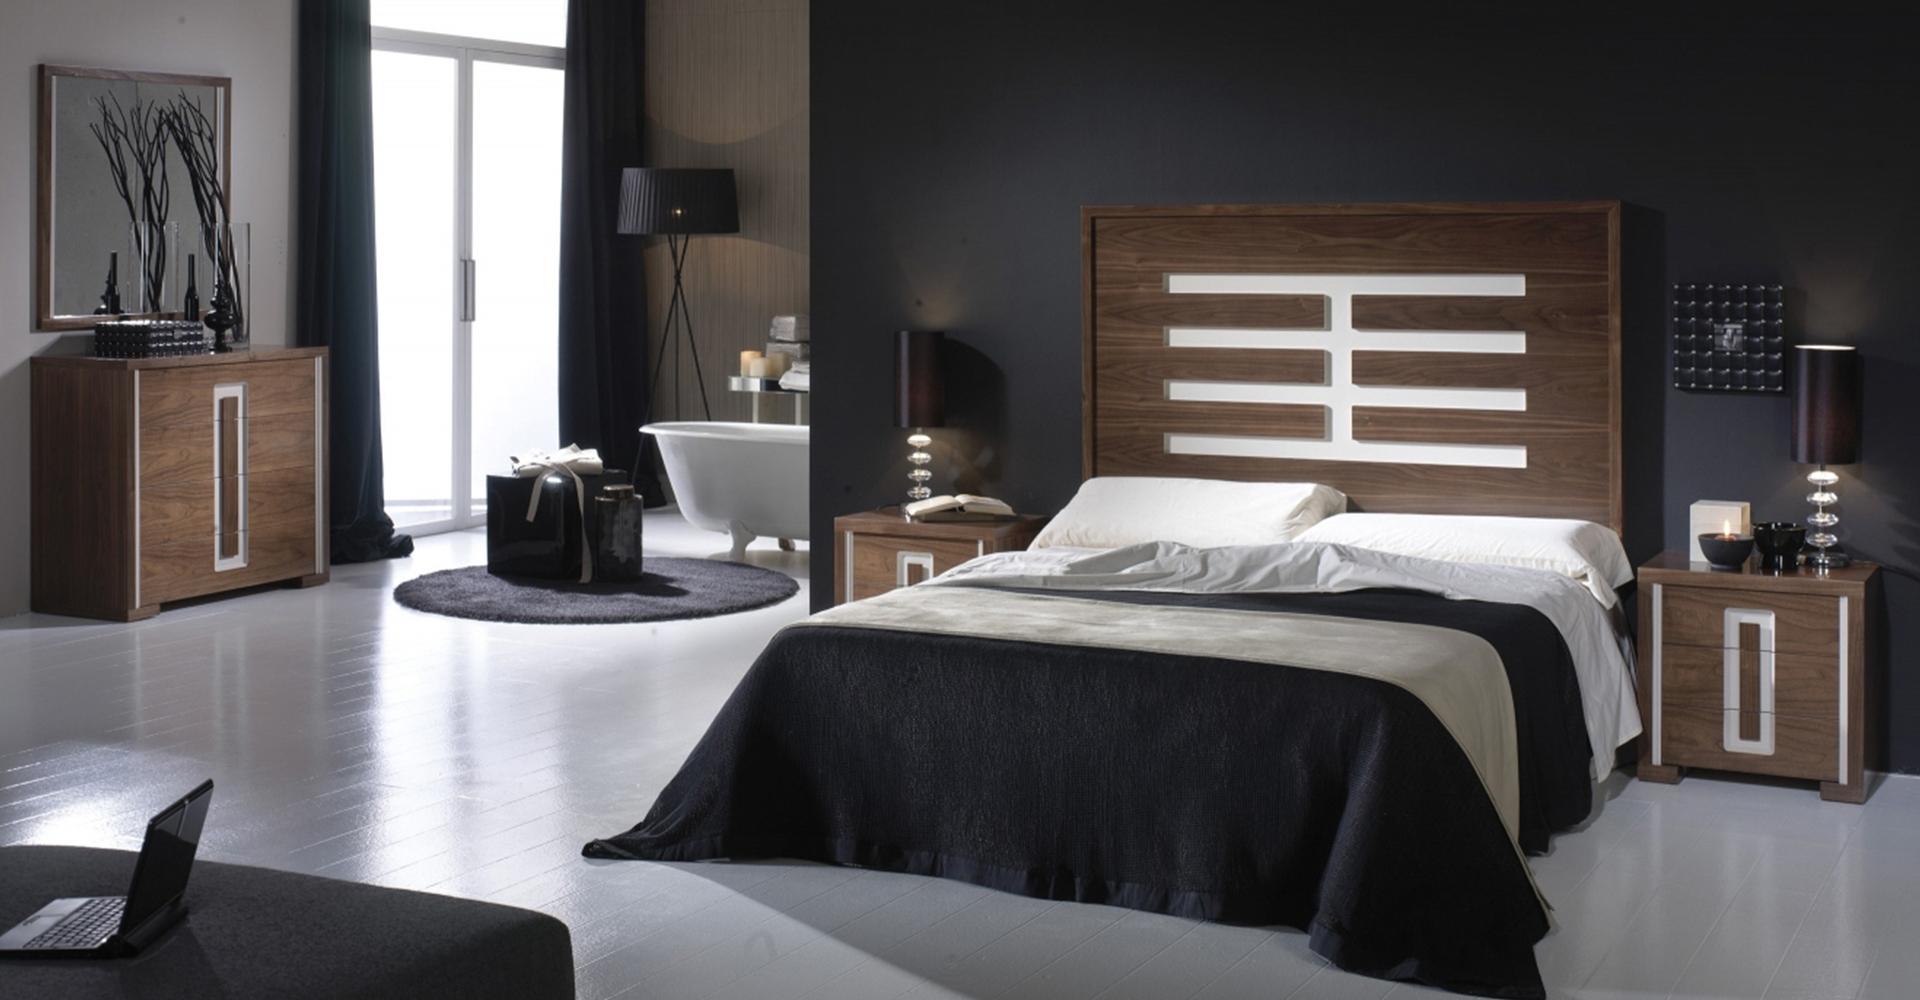 dormitorio de estilo contemporaneo (31)